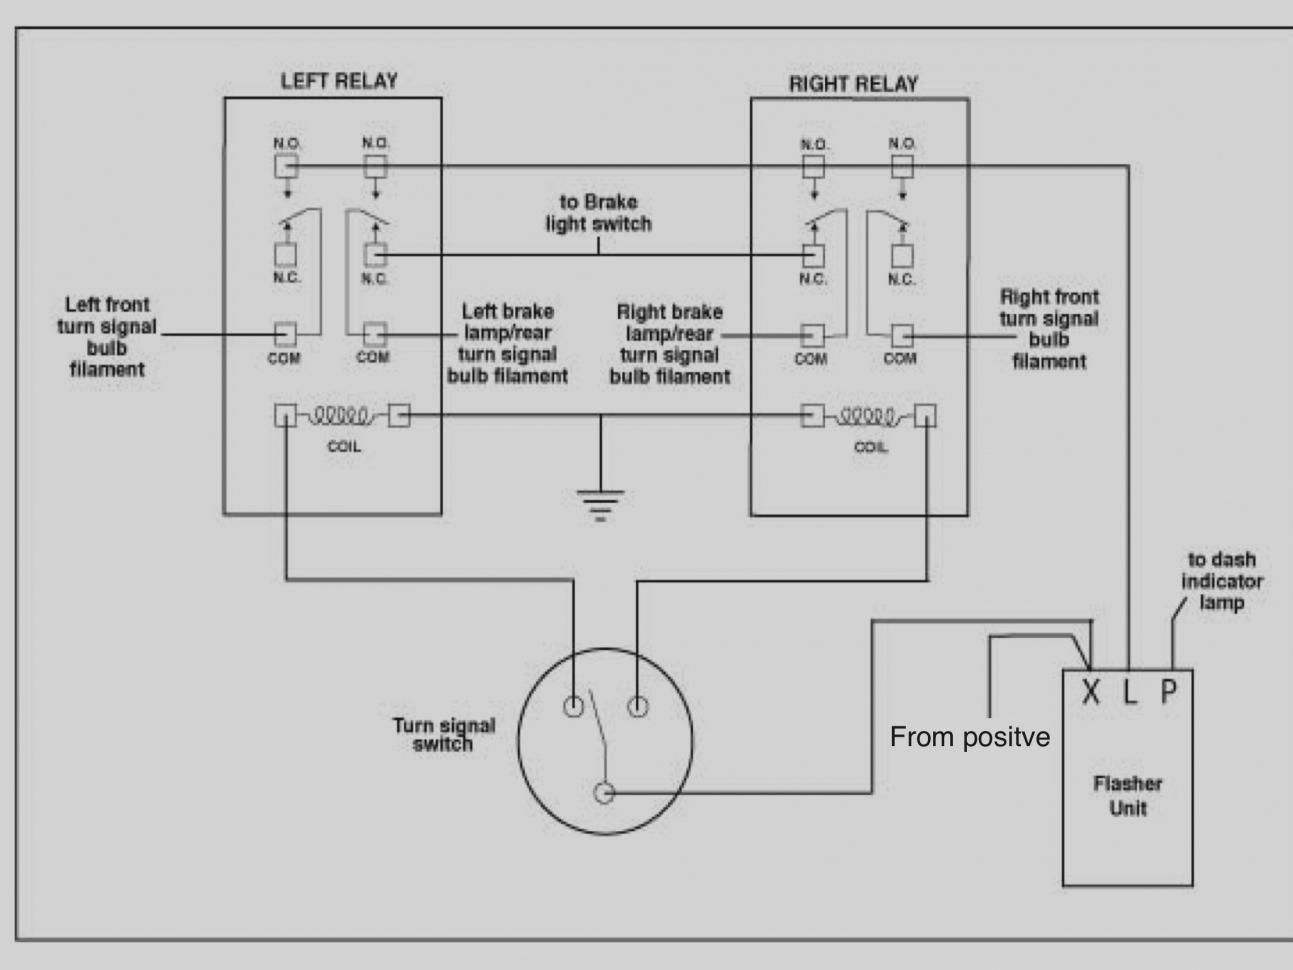 2012 polaris ranger 800 xp wiring diagram auto electrical wiring polaris  electrical schematics 2012 polaris ranger